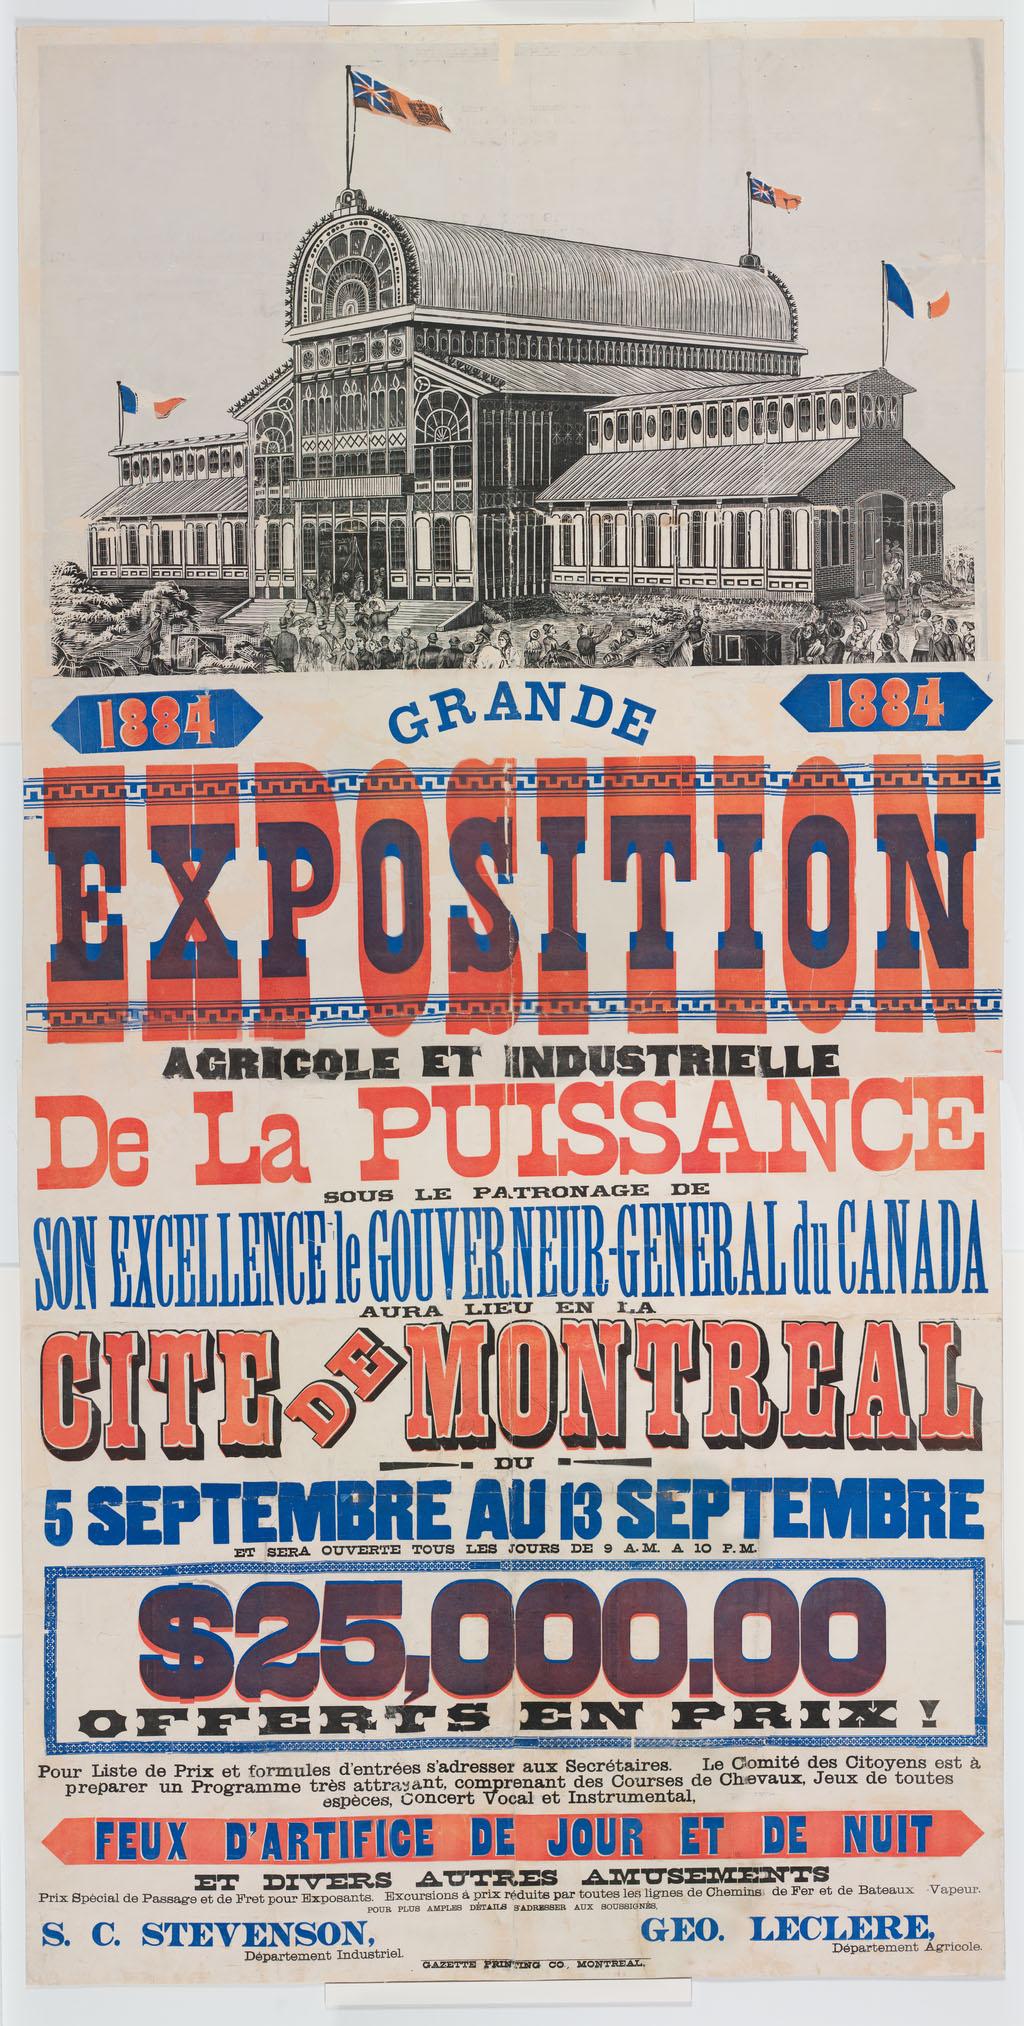 Affiche de la Grande Exposition Agricole et Industrielle de la Puissance du Canada de 1884.